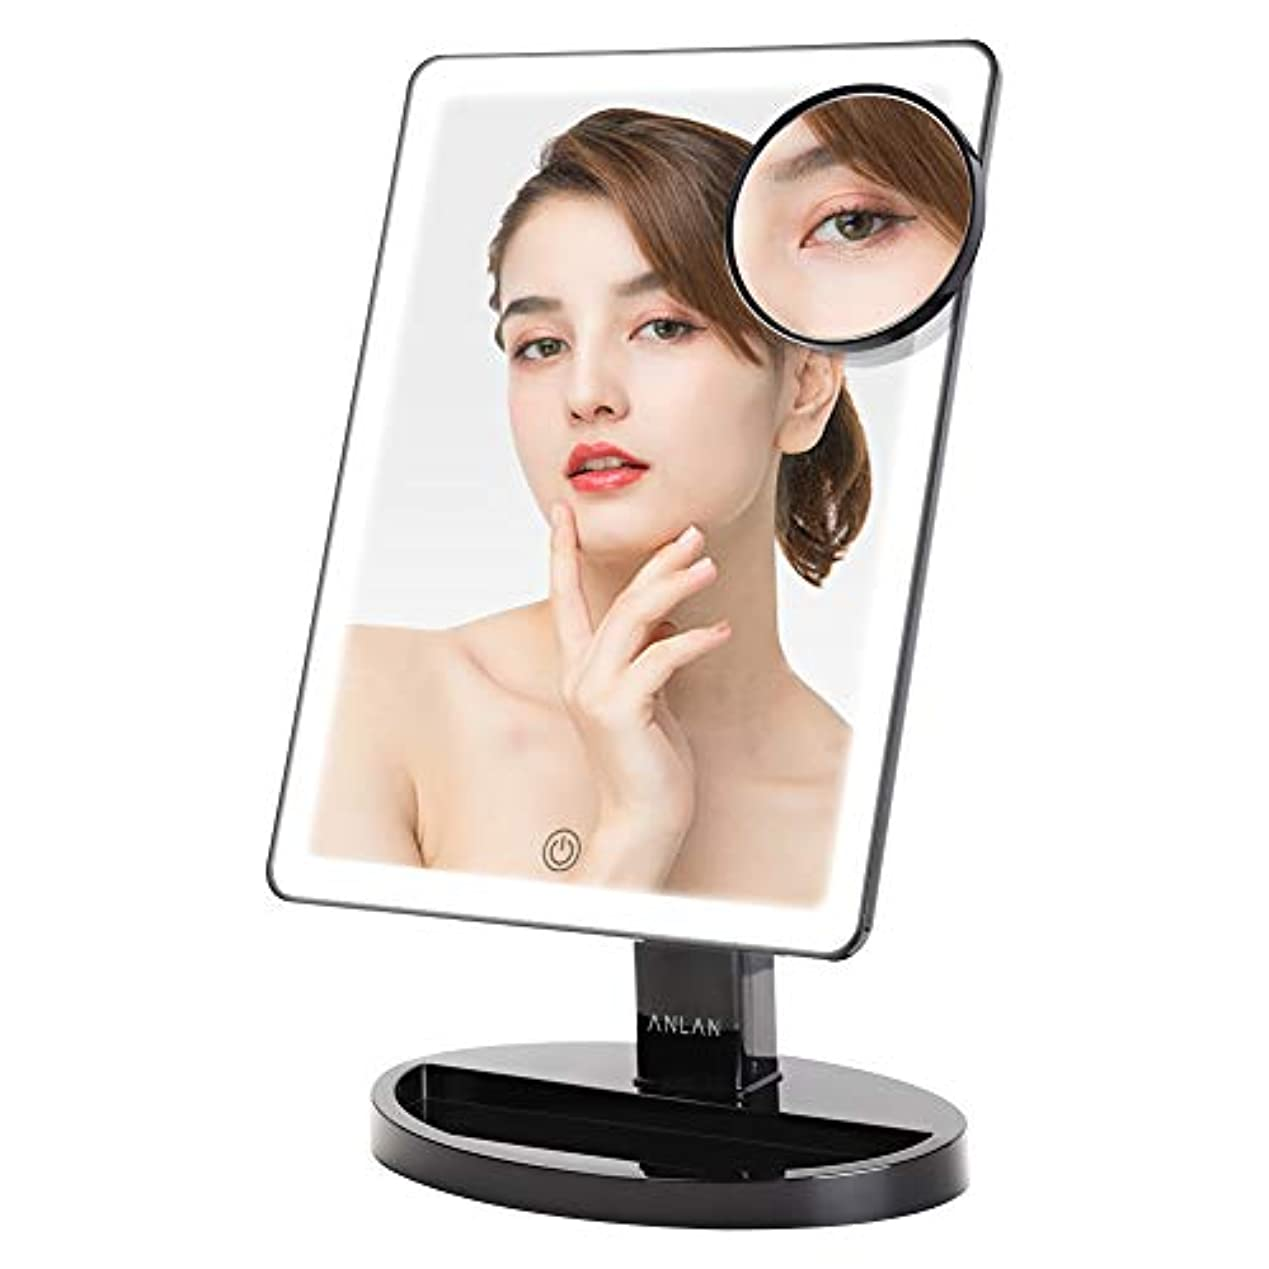 競争力のある滴下マッシュ卓上鏡 LED化粧鏡 ANLAN 女優ミラー 10倍拡大鏡付き スタンド 明るさ調節可能 360°回転式 前後180°無階段調整 USB/単三電池給電